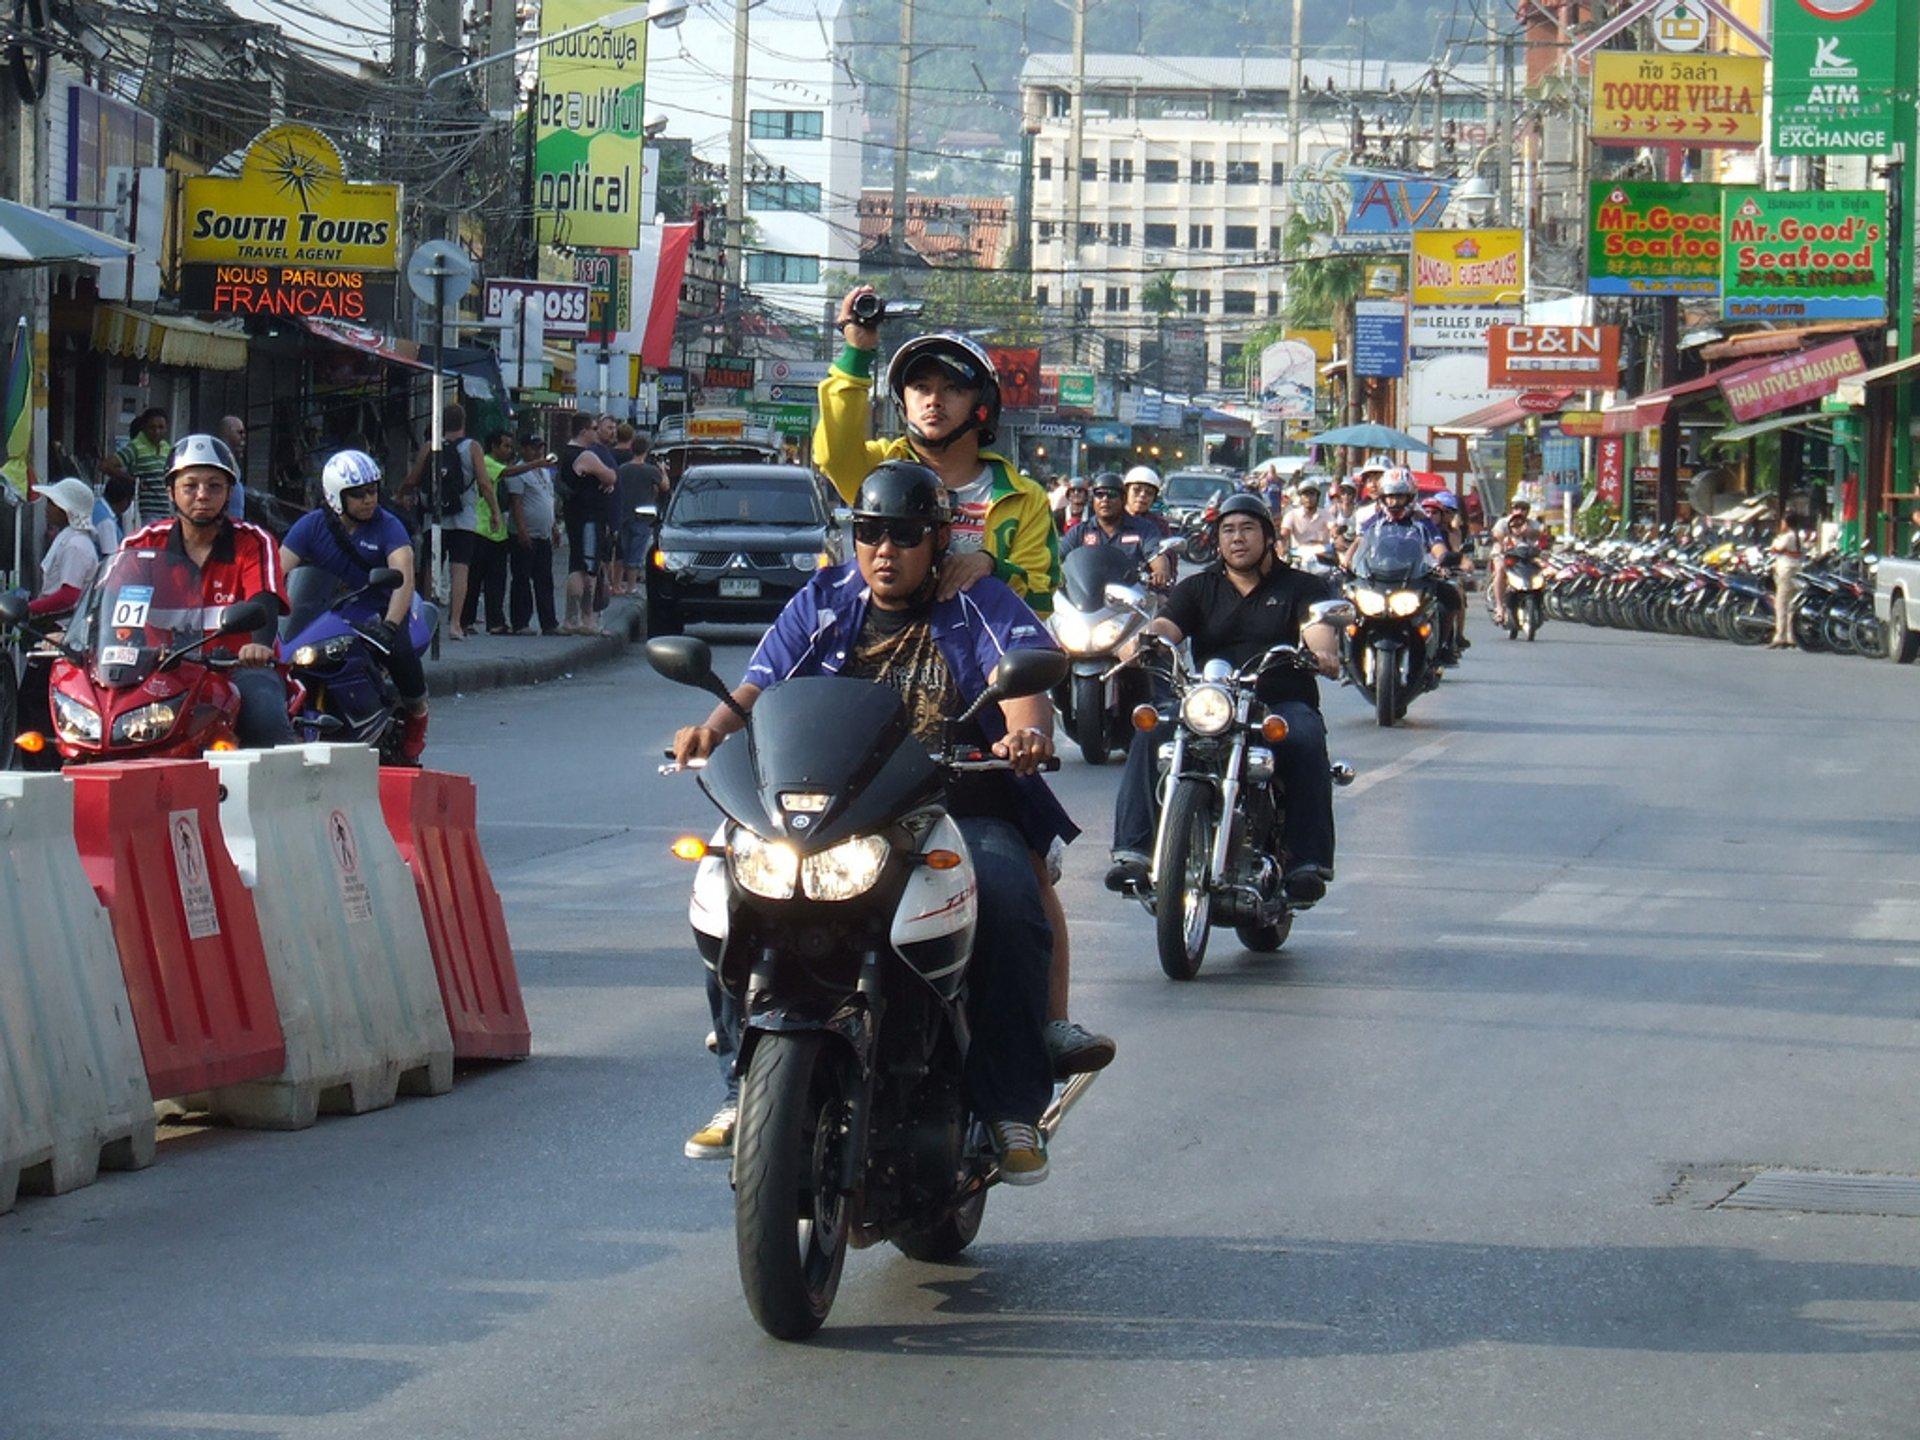 Phuket Bike Week in Phuket - Best Time